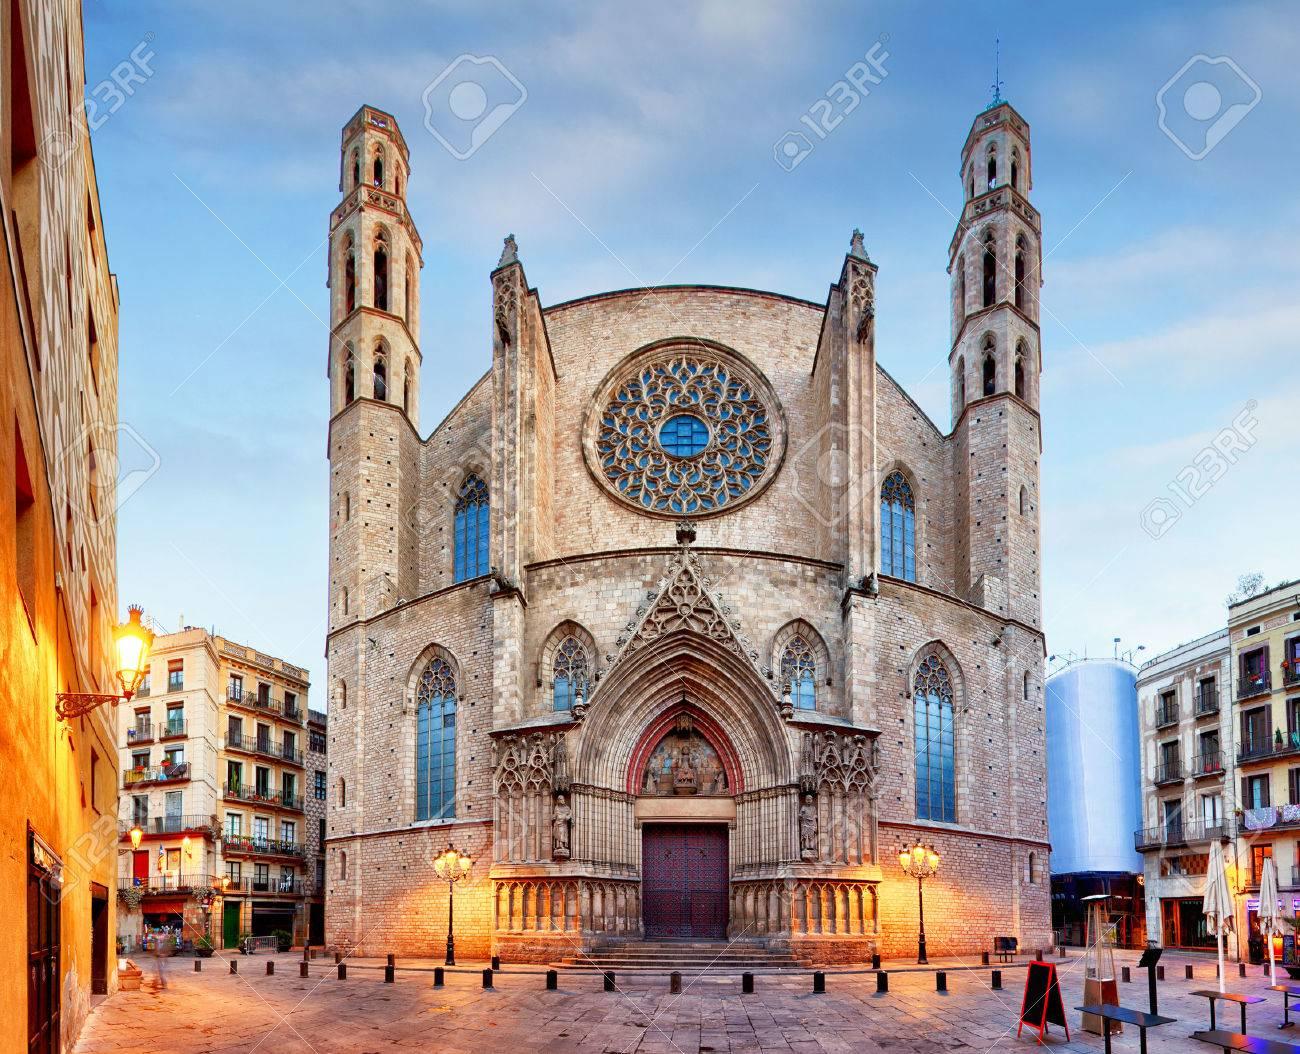 バルセロナのサンタ マリア ダル マル教会 ロイヤリティーフリー